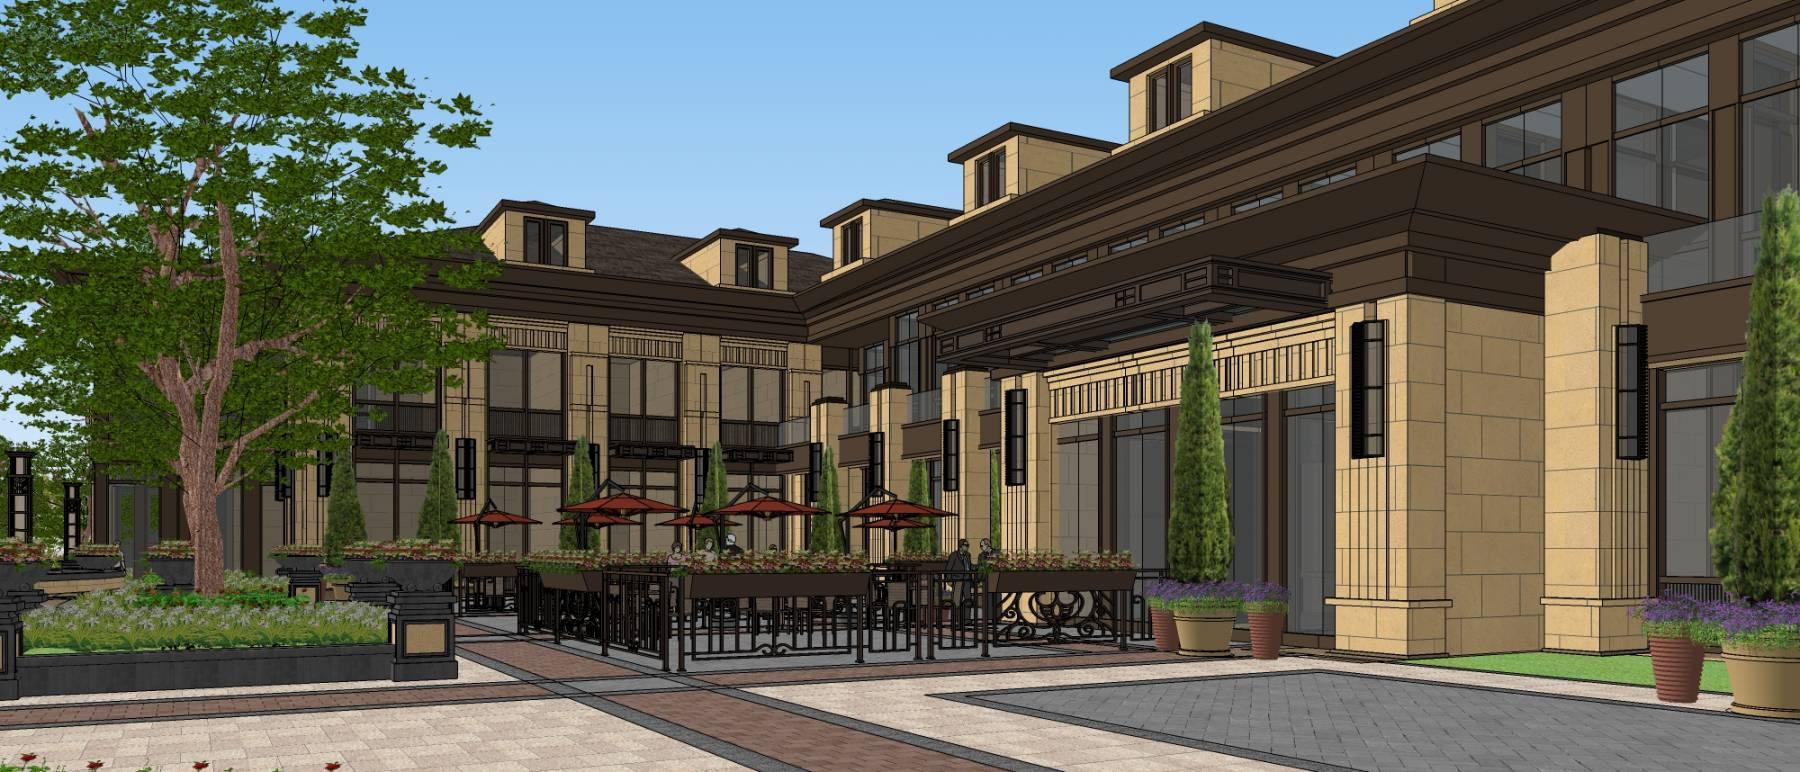 济南华润兴隆-欧式古典风格商业建筑与景观设计